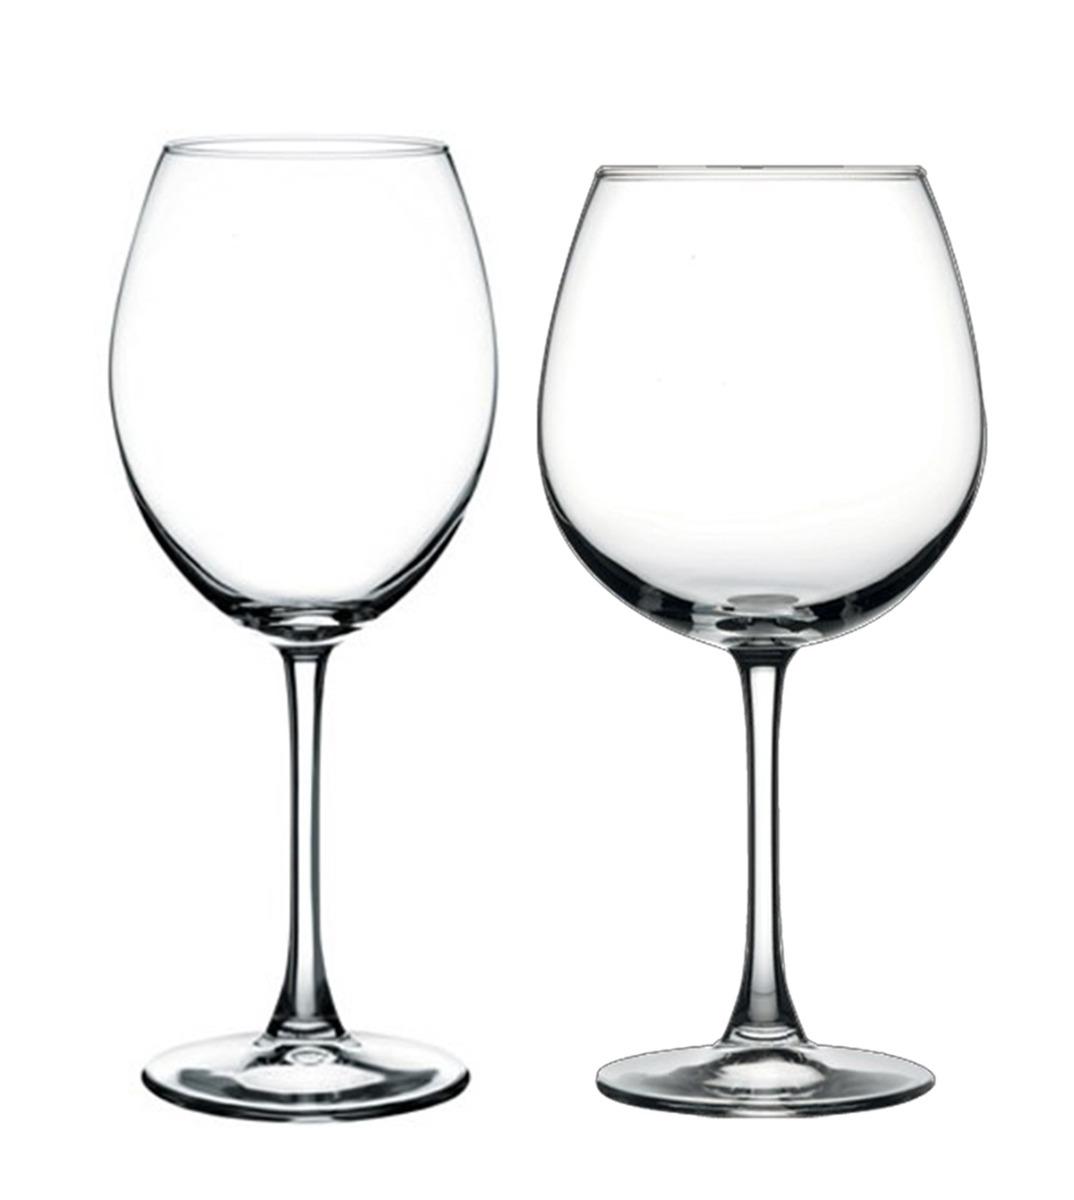 Calici Vino E Acqua set di bicchieri calice enoteca xxl 12 pezzi vino acqua vetro trasparente  pasabahce giosal